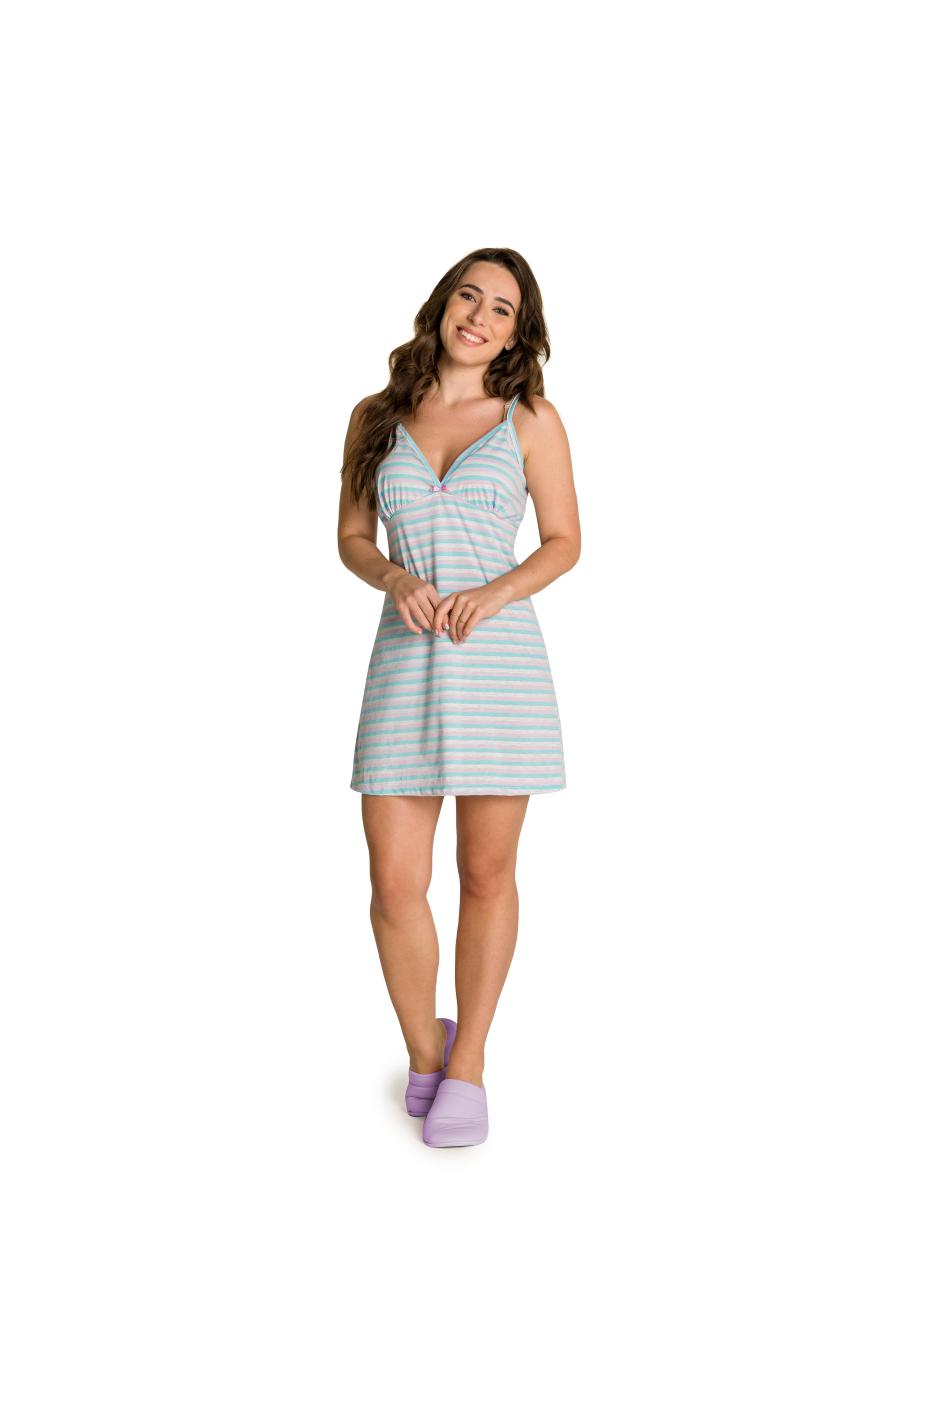 019/D - Camisola Adulto Feminino Listrada com Laço